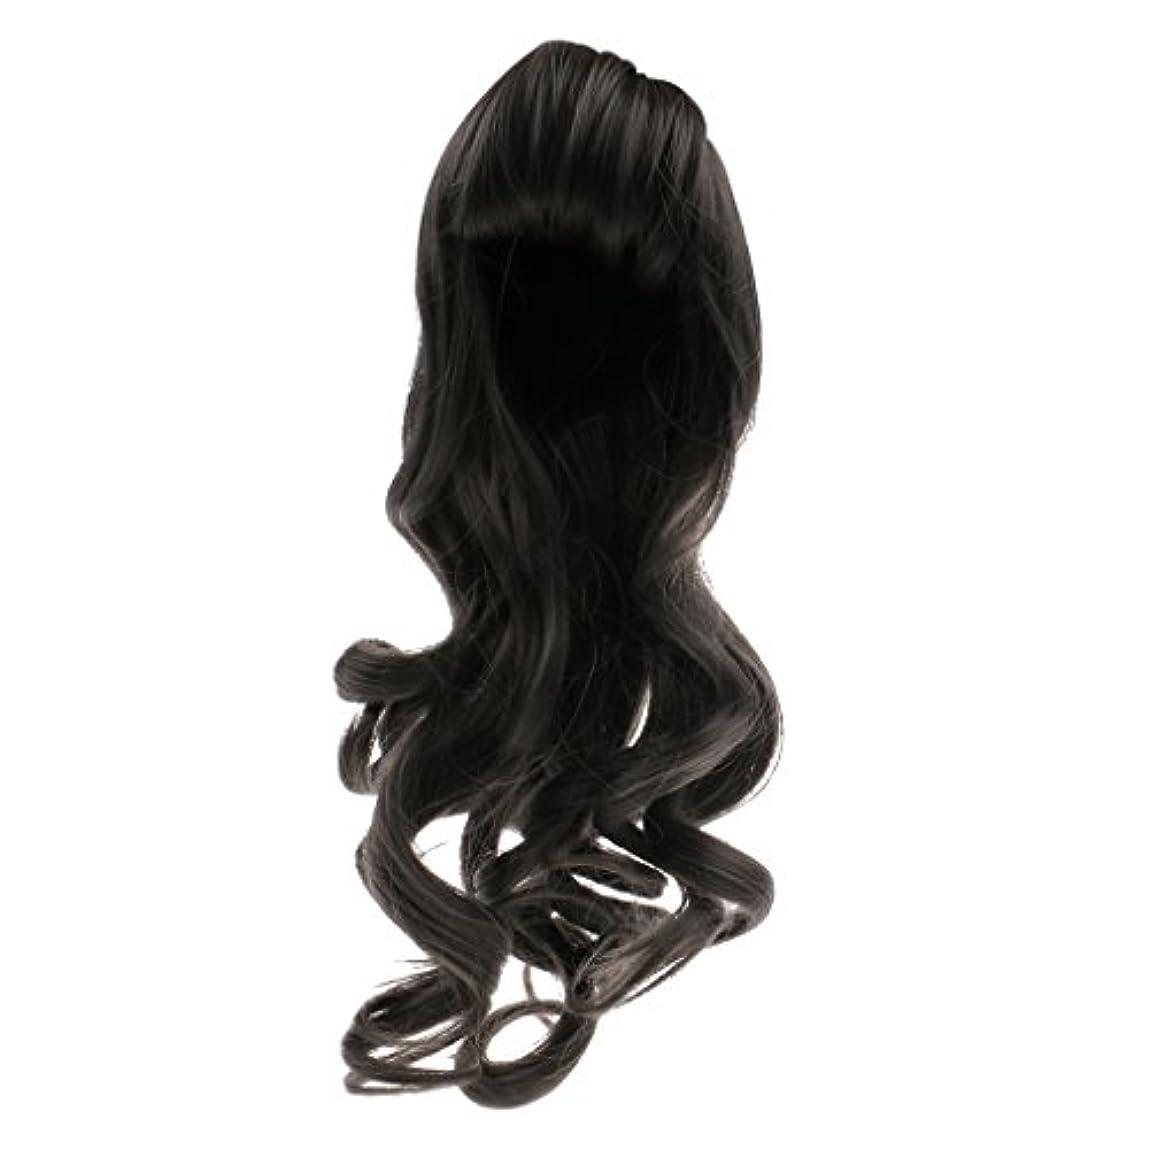 拘束するばかげた障害人形用 ドールウィッグ かつら 巻き毛 波状髪 セクシー 前髪 ブライス人形適用 全6色選べ  - #1